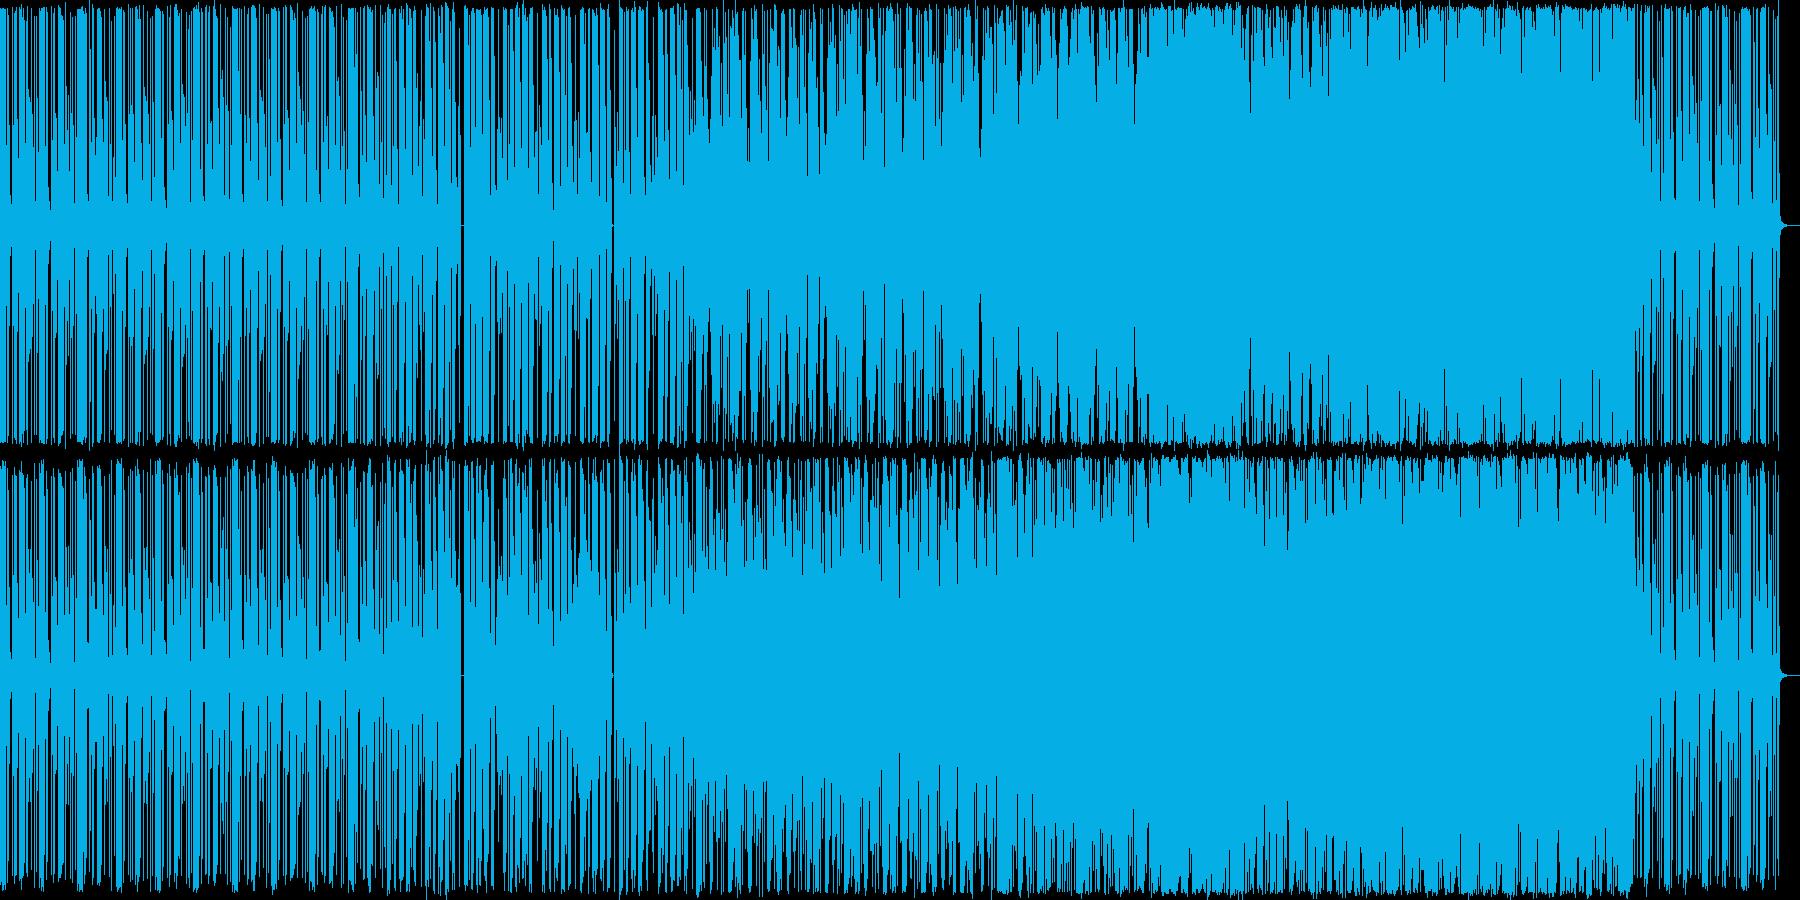 【ドラム抜き】ピアノとドラムを主体としたの再生済みの波形